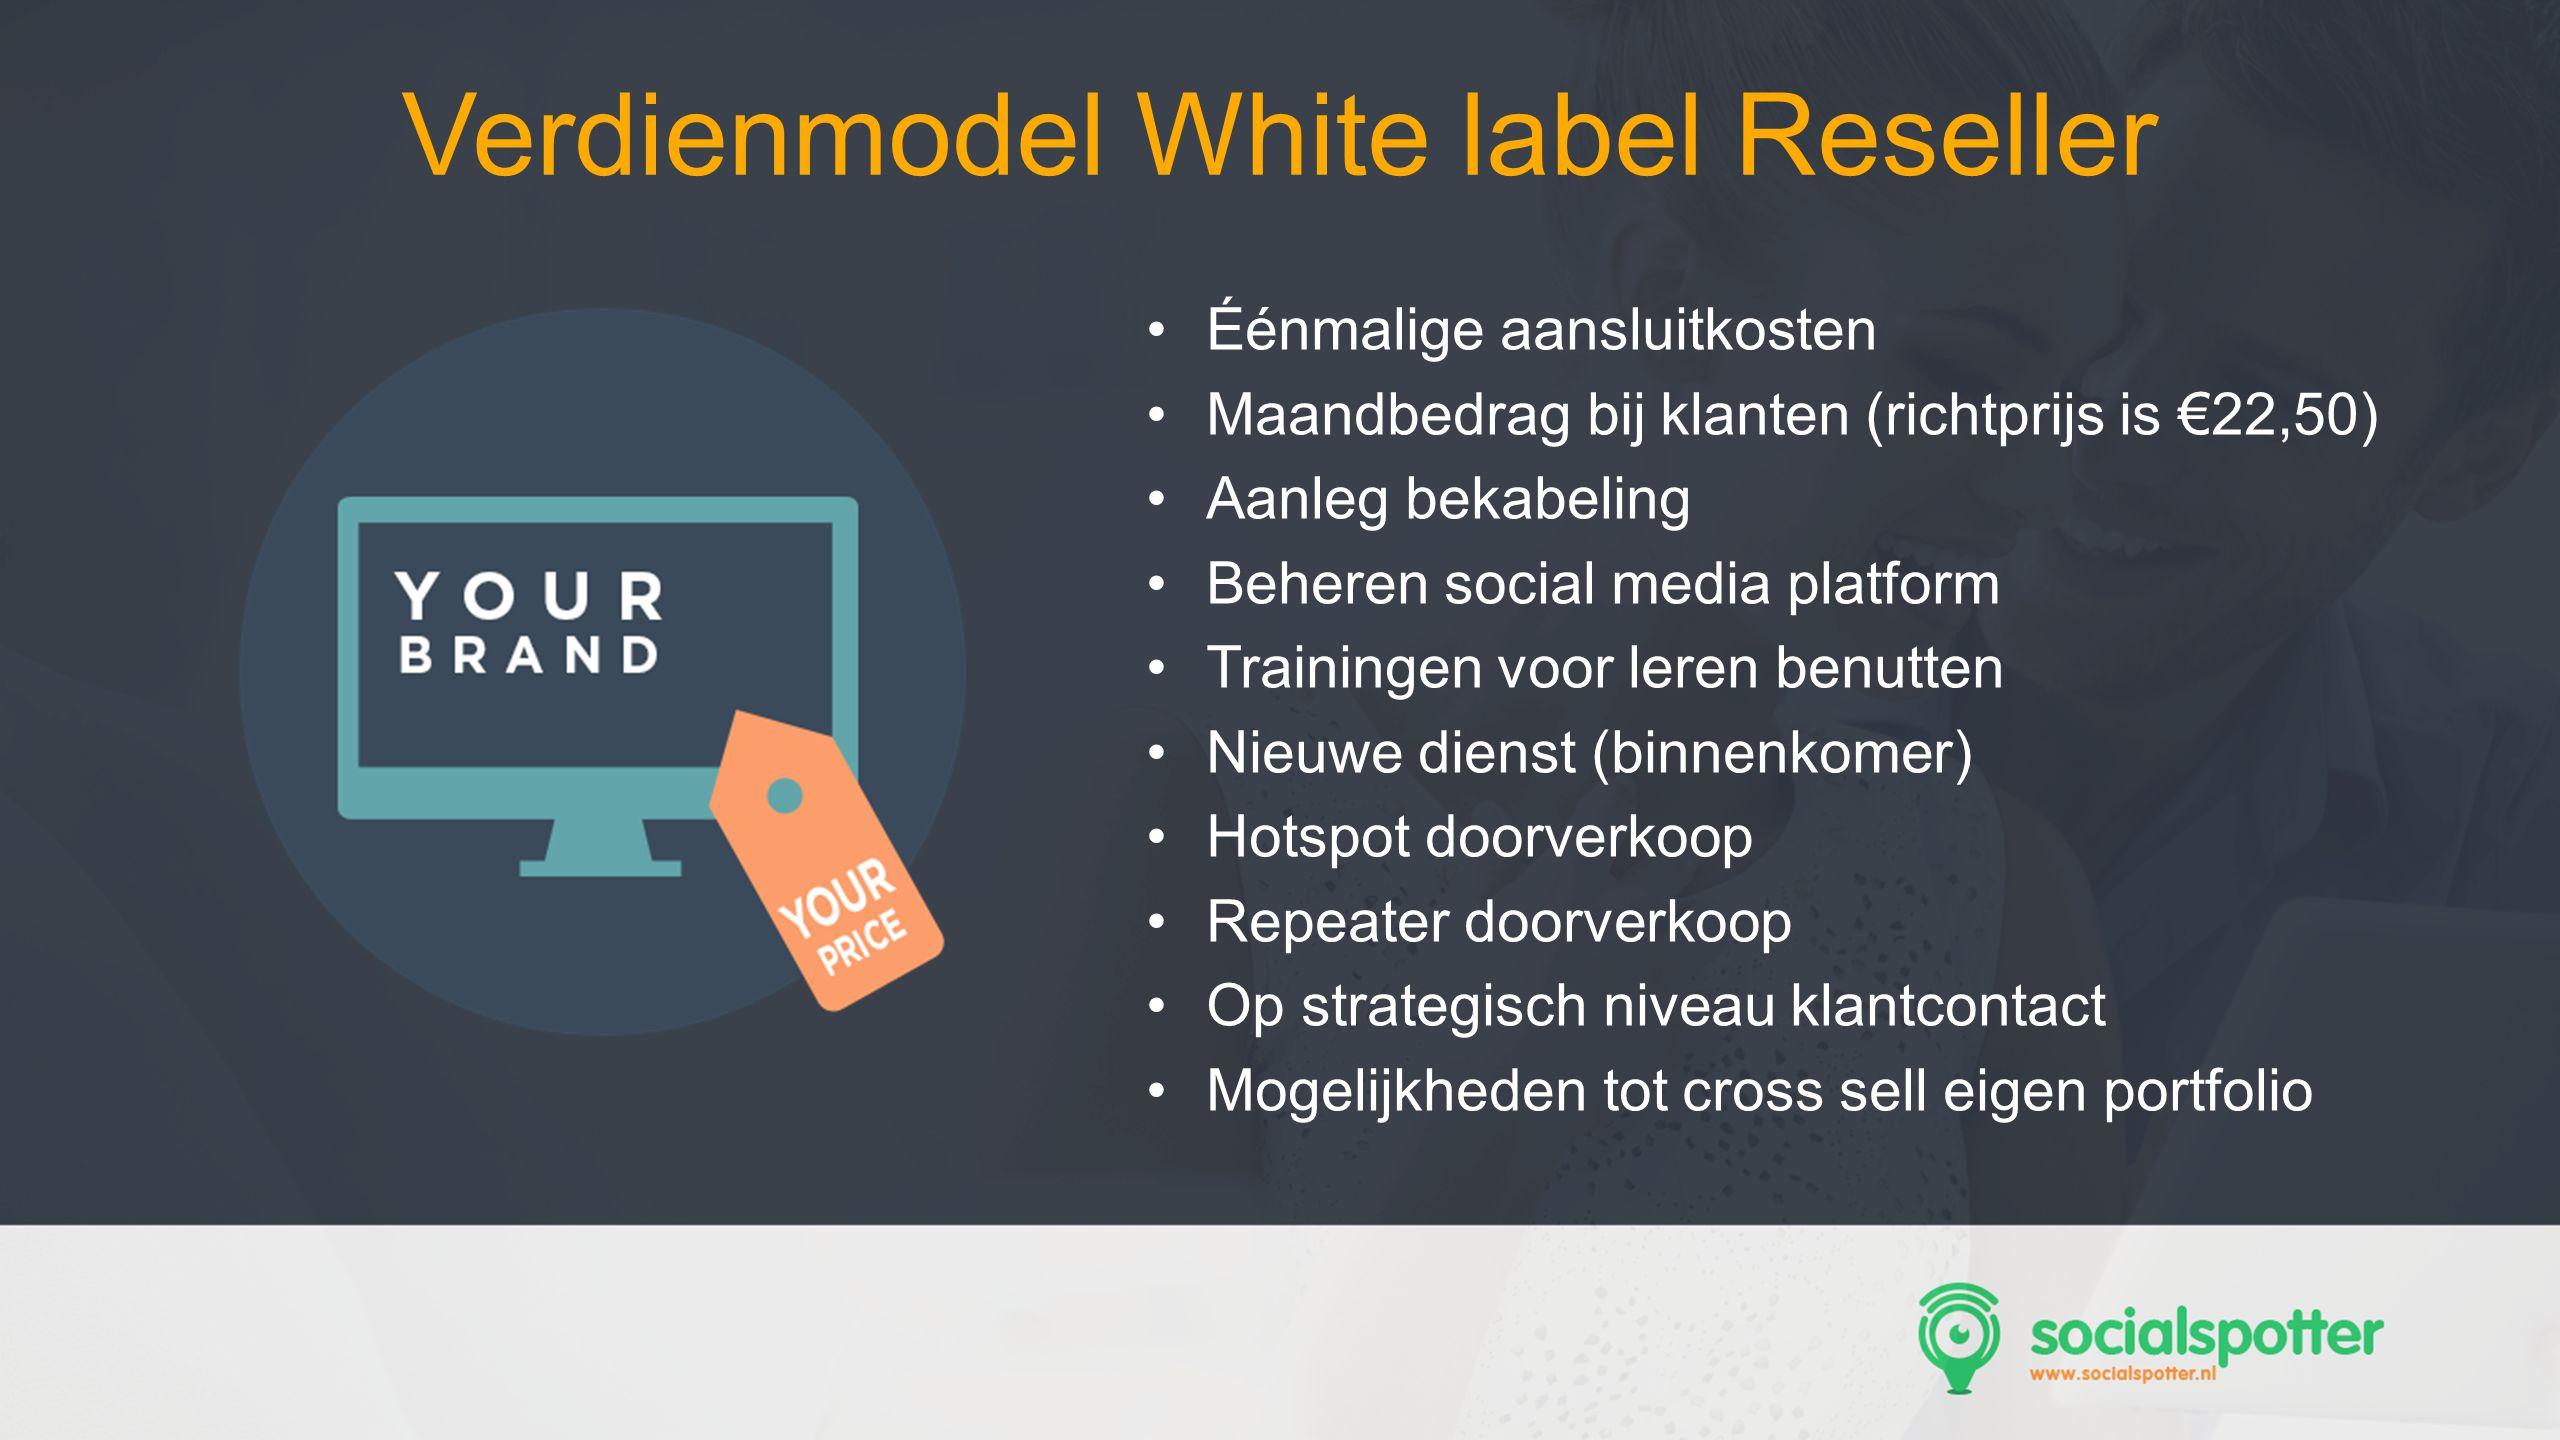 Verdienmodel White label Reseller